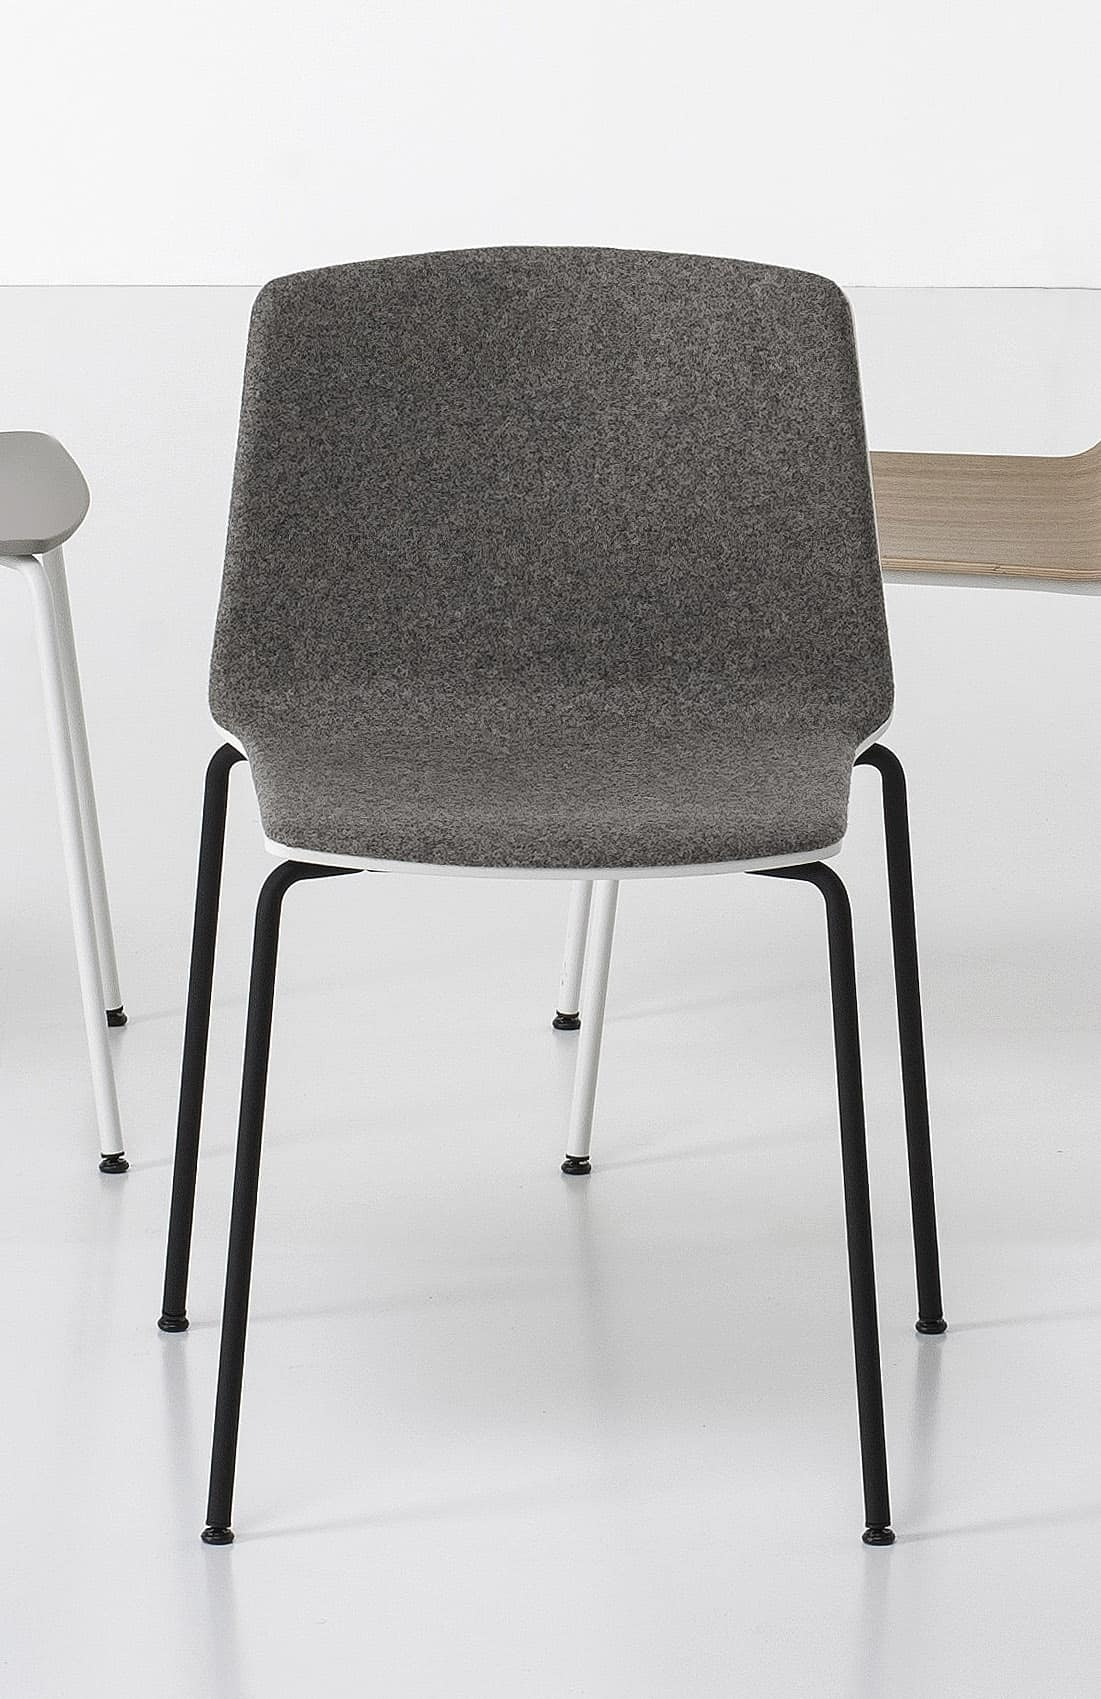 Gepolsterter Stuhl mit Stahlfuß, für Konferenz   IDFdesign